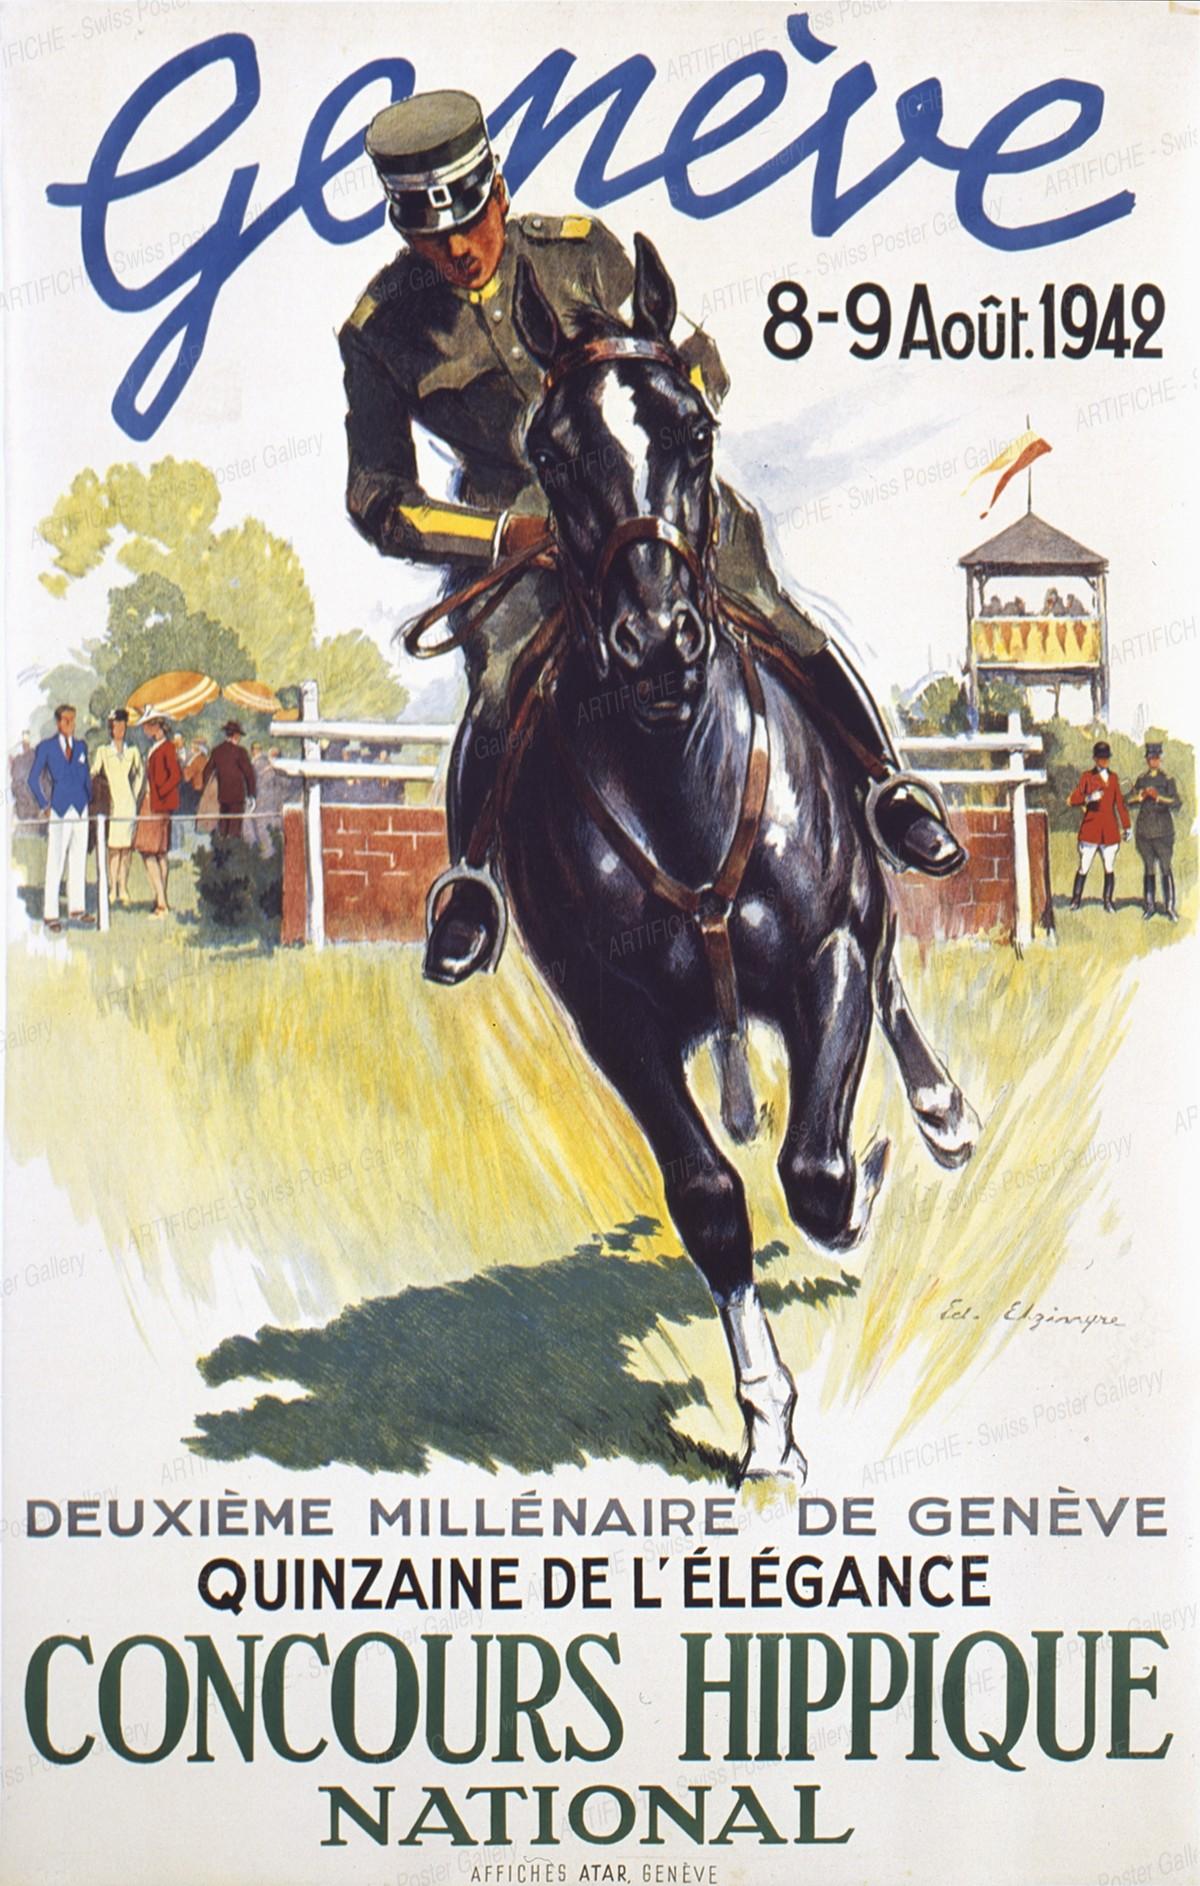 Concours Hippique -Genève 1942, Edouard Elzingre